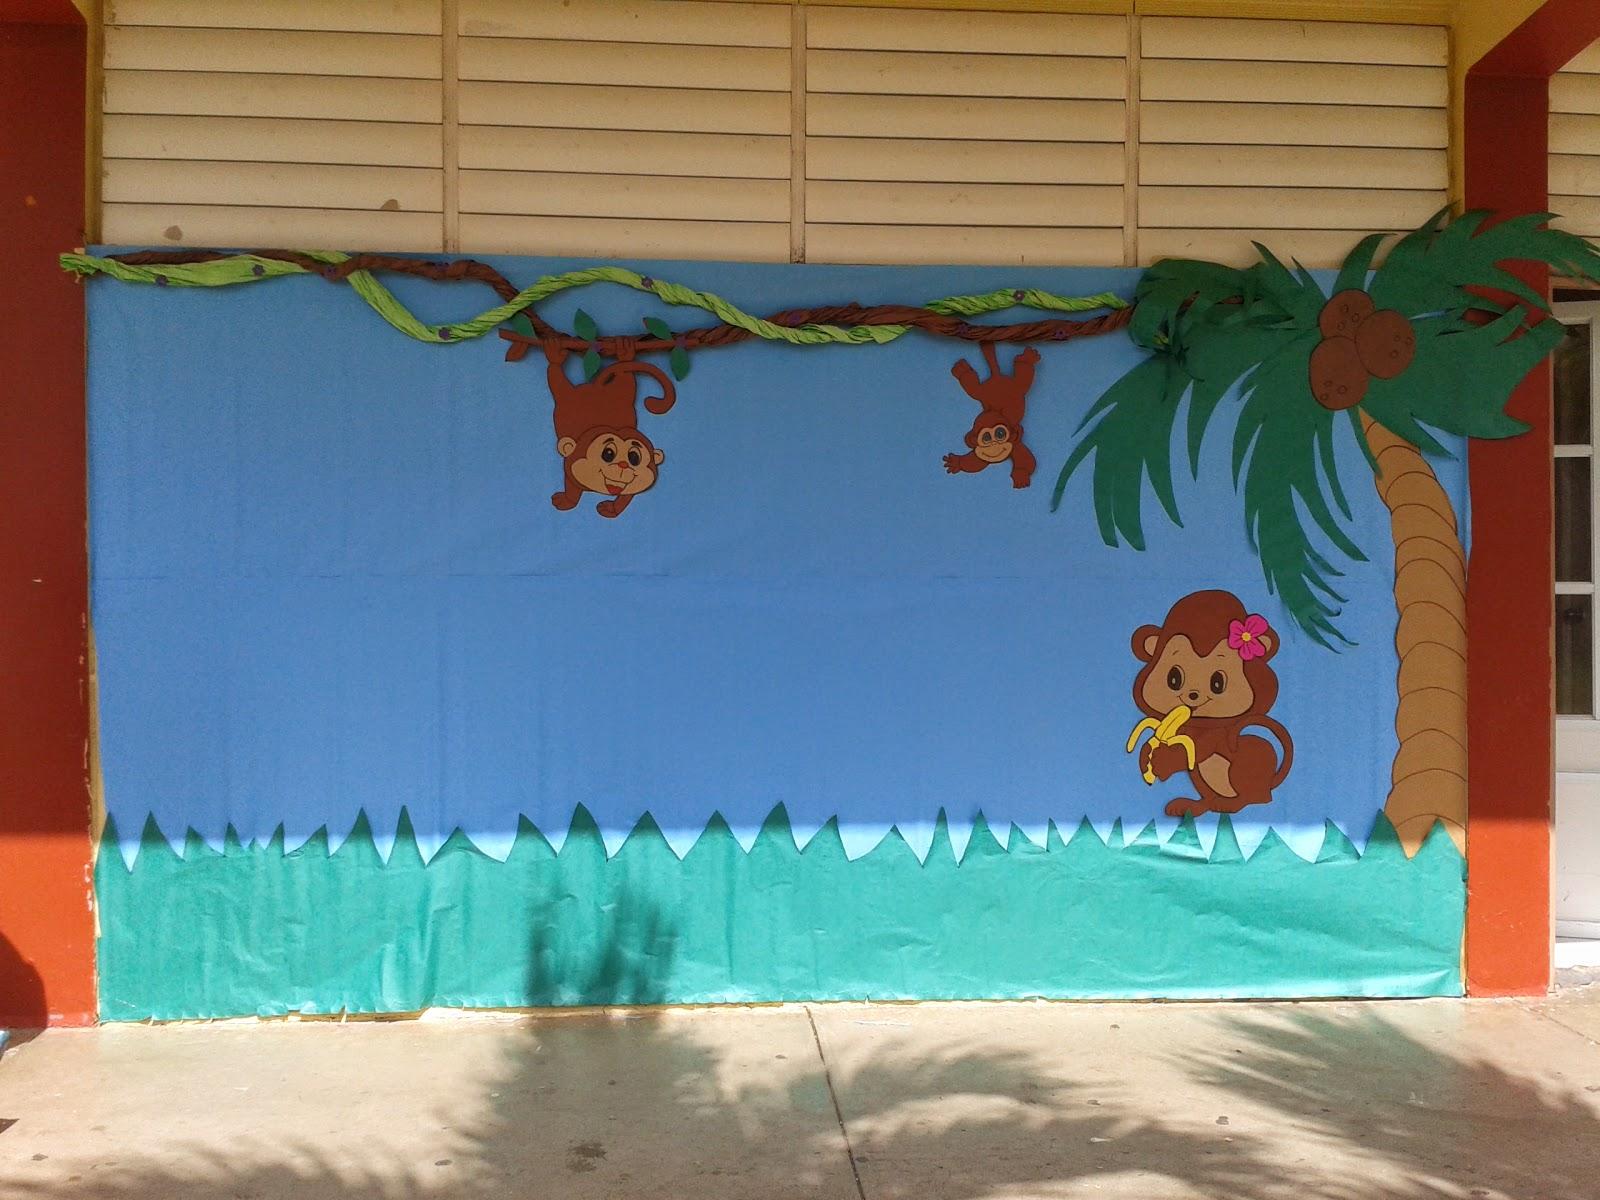 Biblioteca antonio s pedreira moca confeccionando mural for Club joven mural